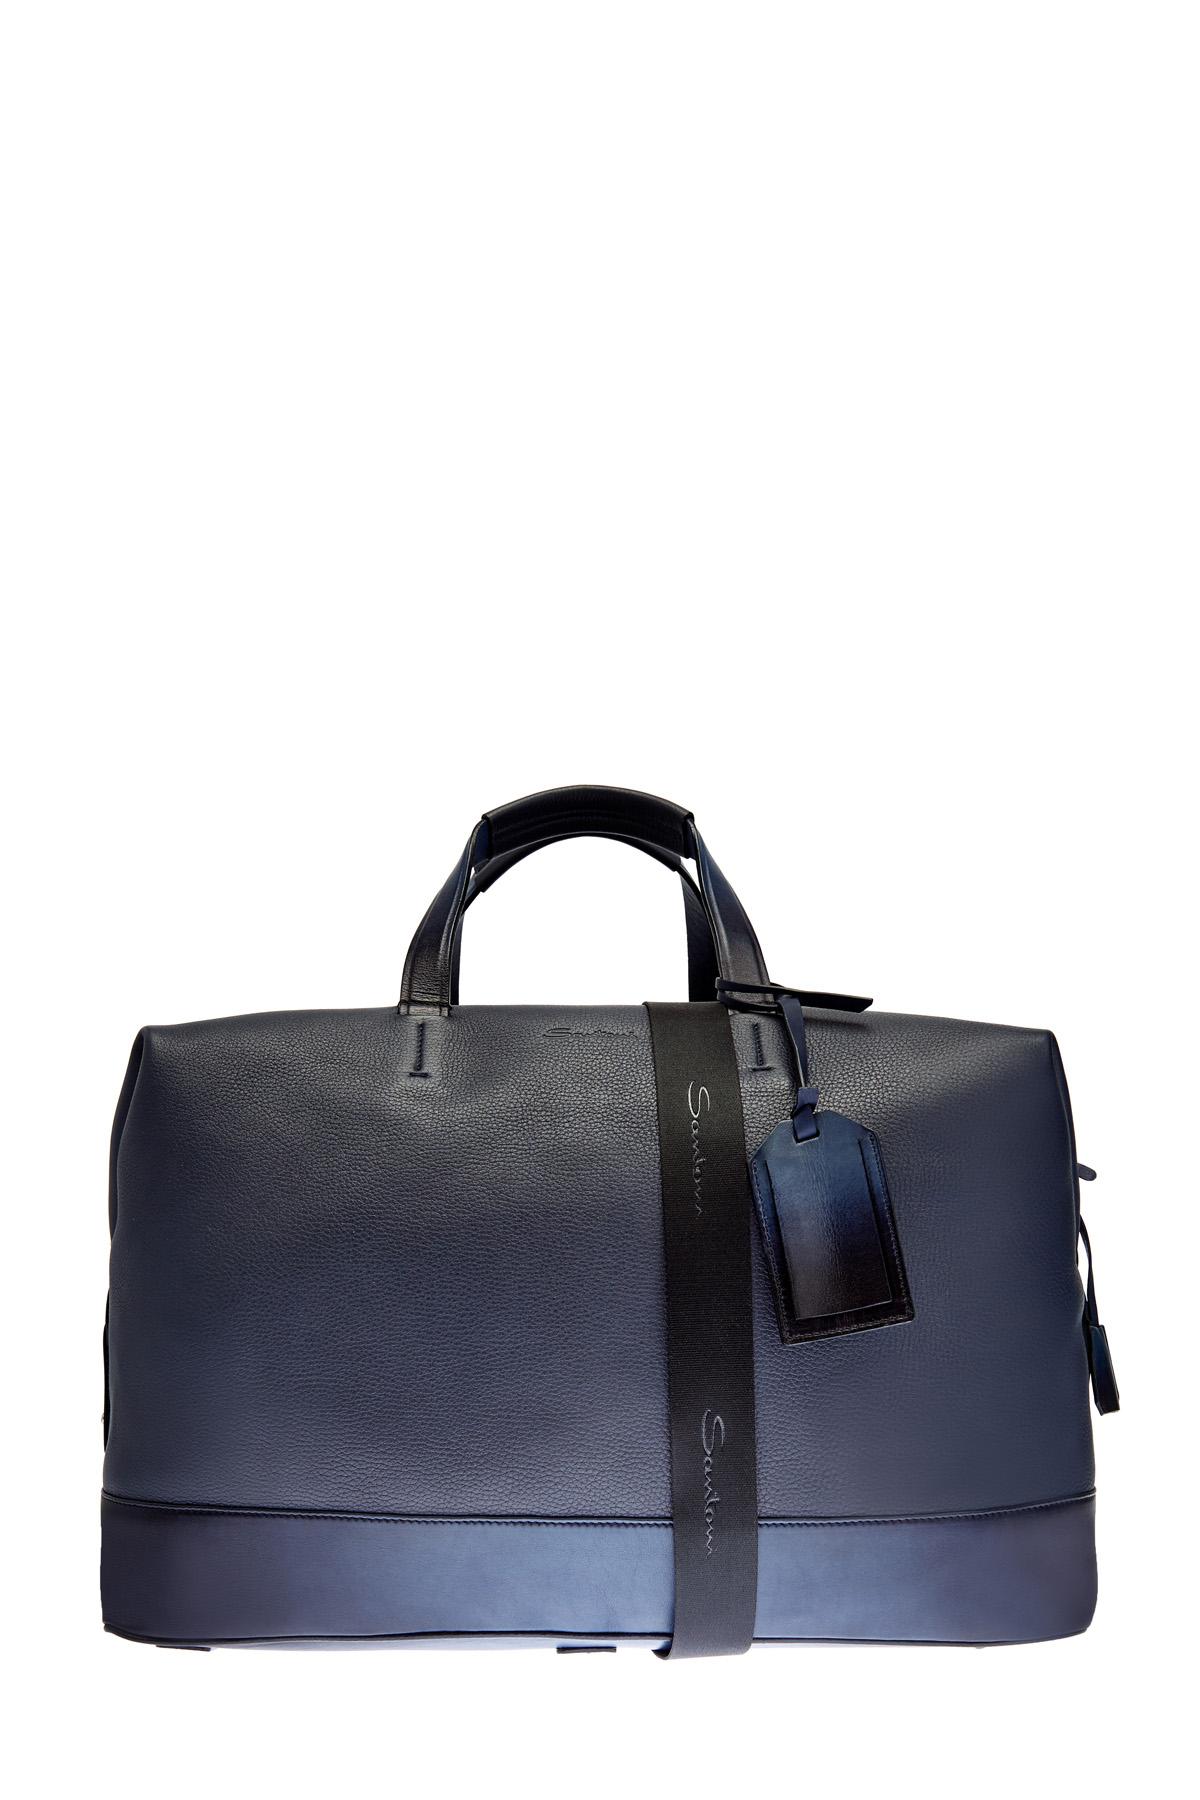 Дорожная сумка из крупнозернистой кожи с плечевым ремнем фото